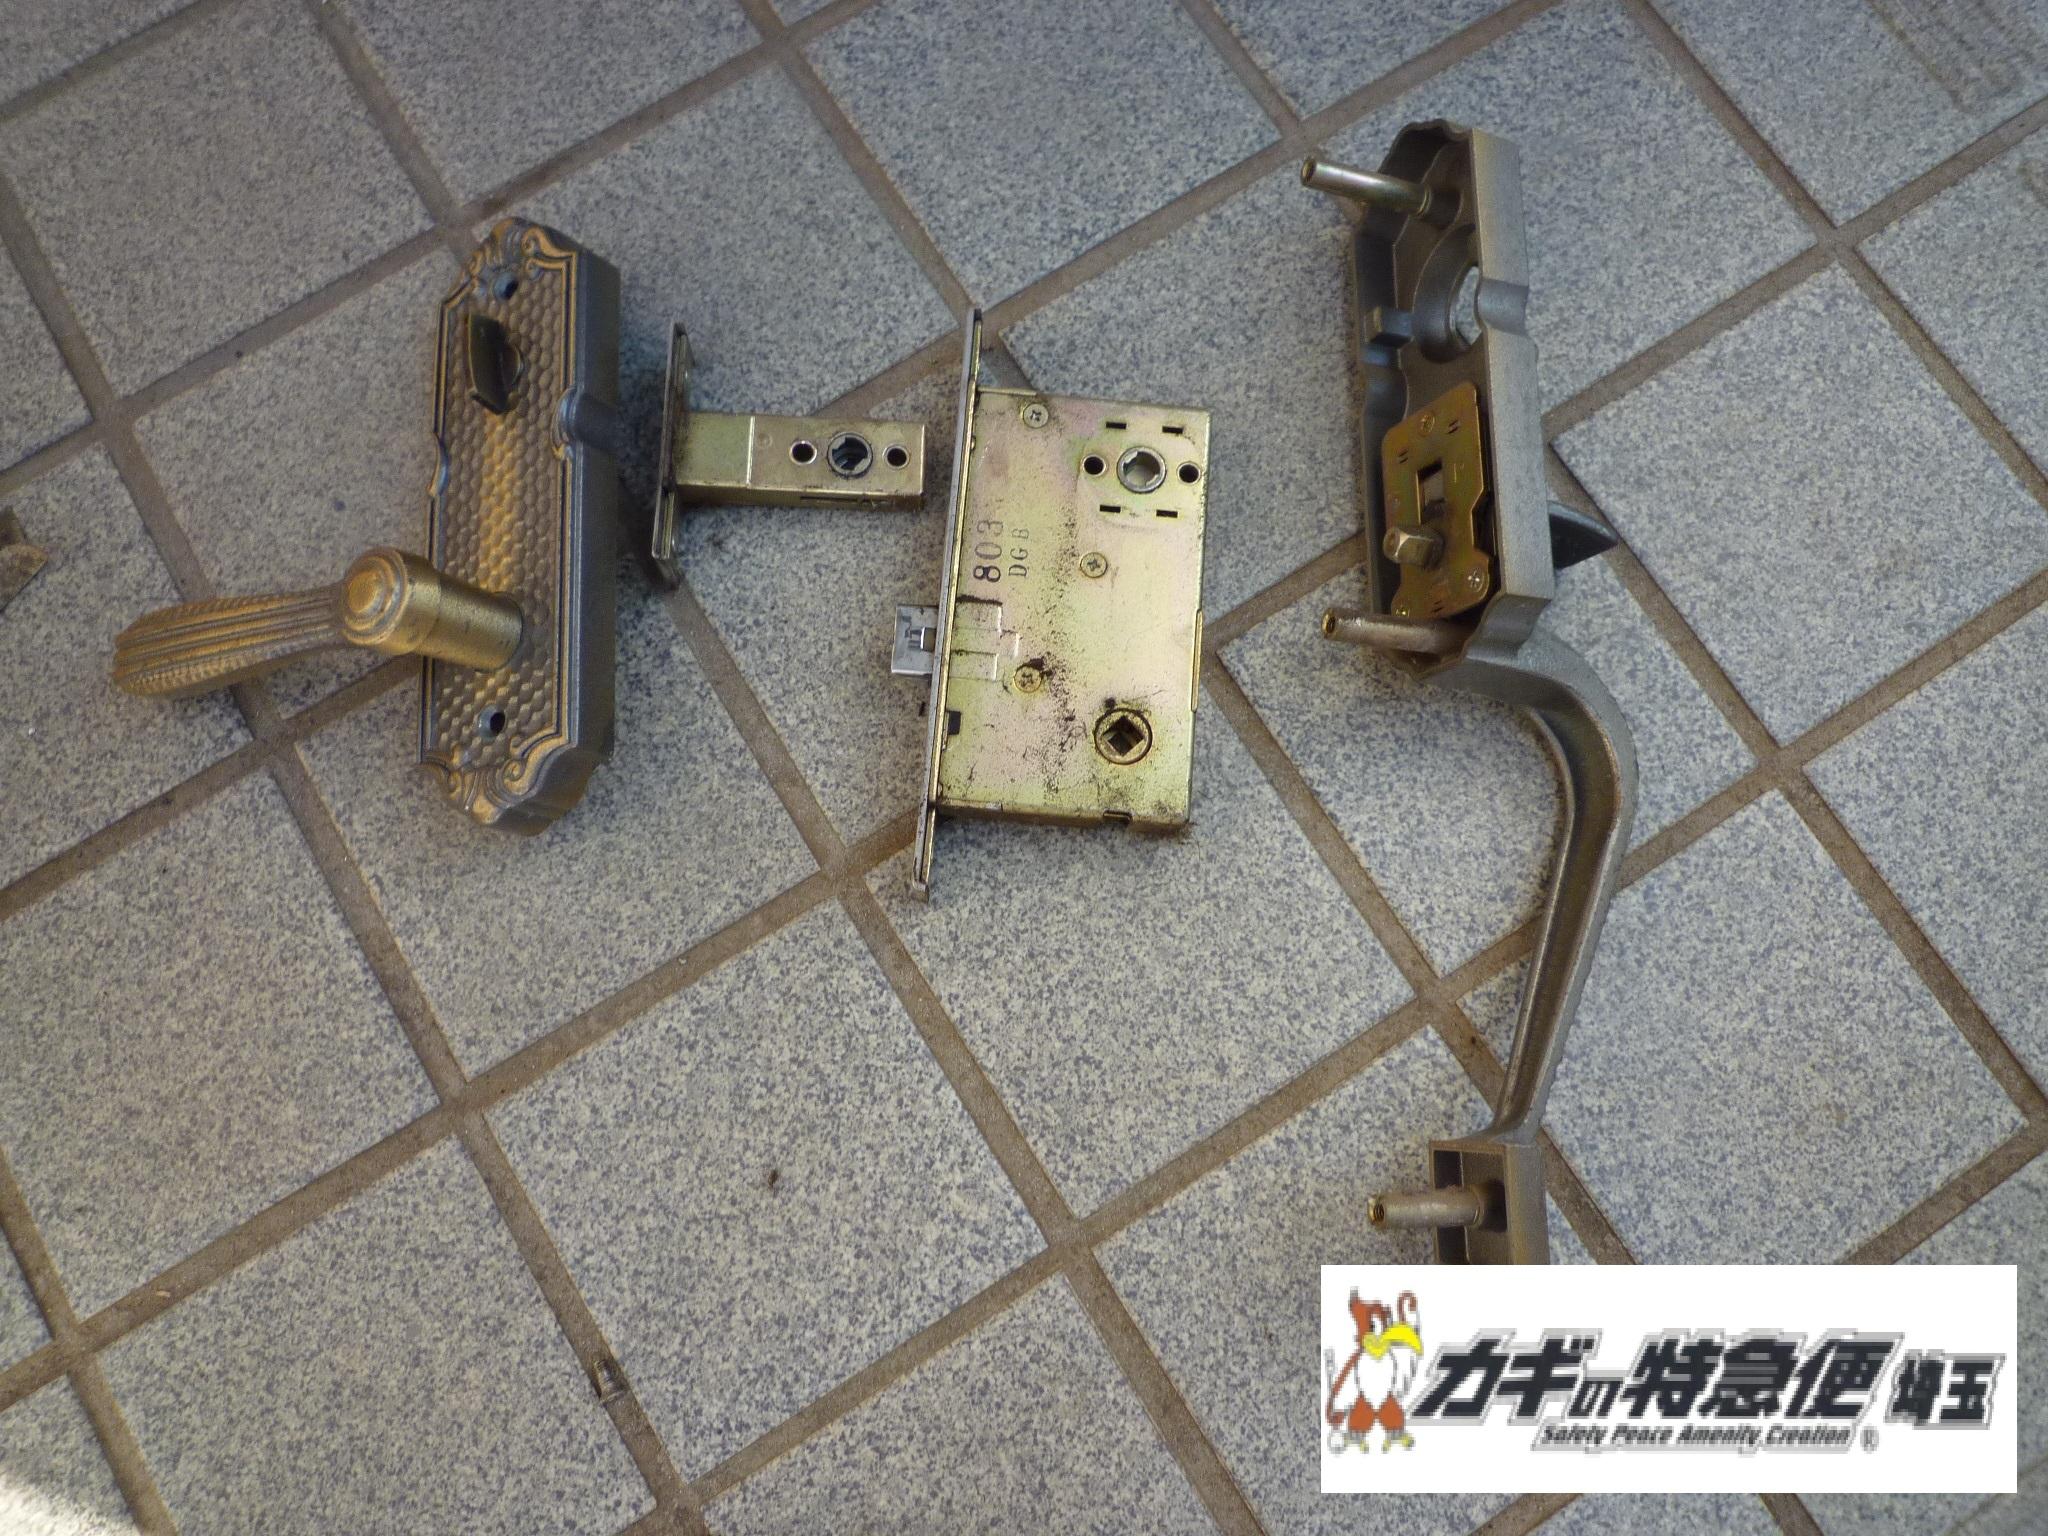 鍵交換(和光市で鍵交換と鍵修理(トーヨーサッシ)美和ロック カバ)